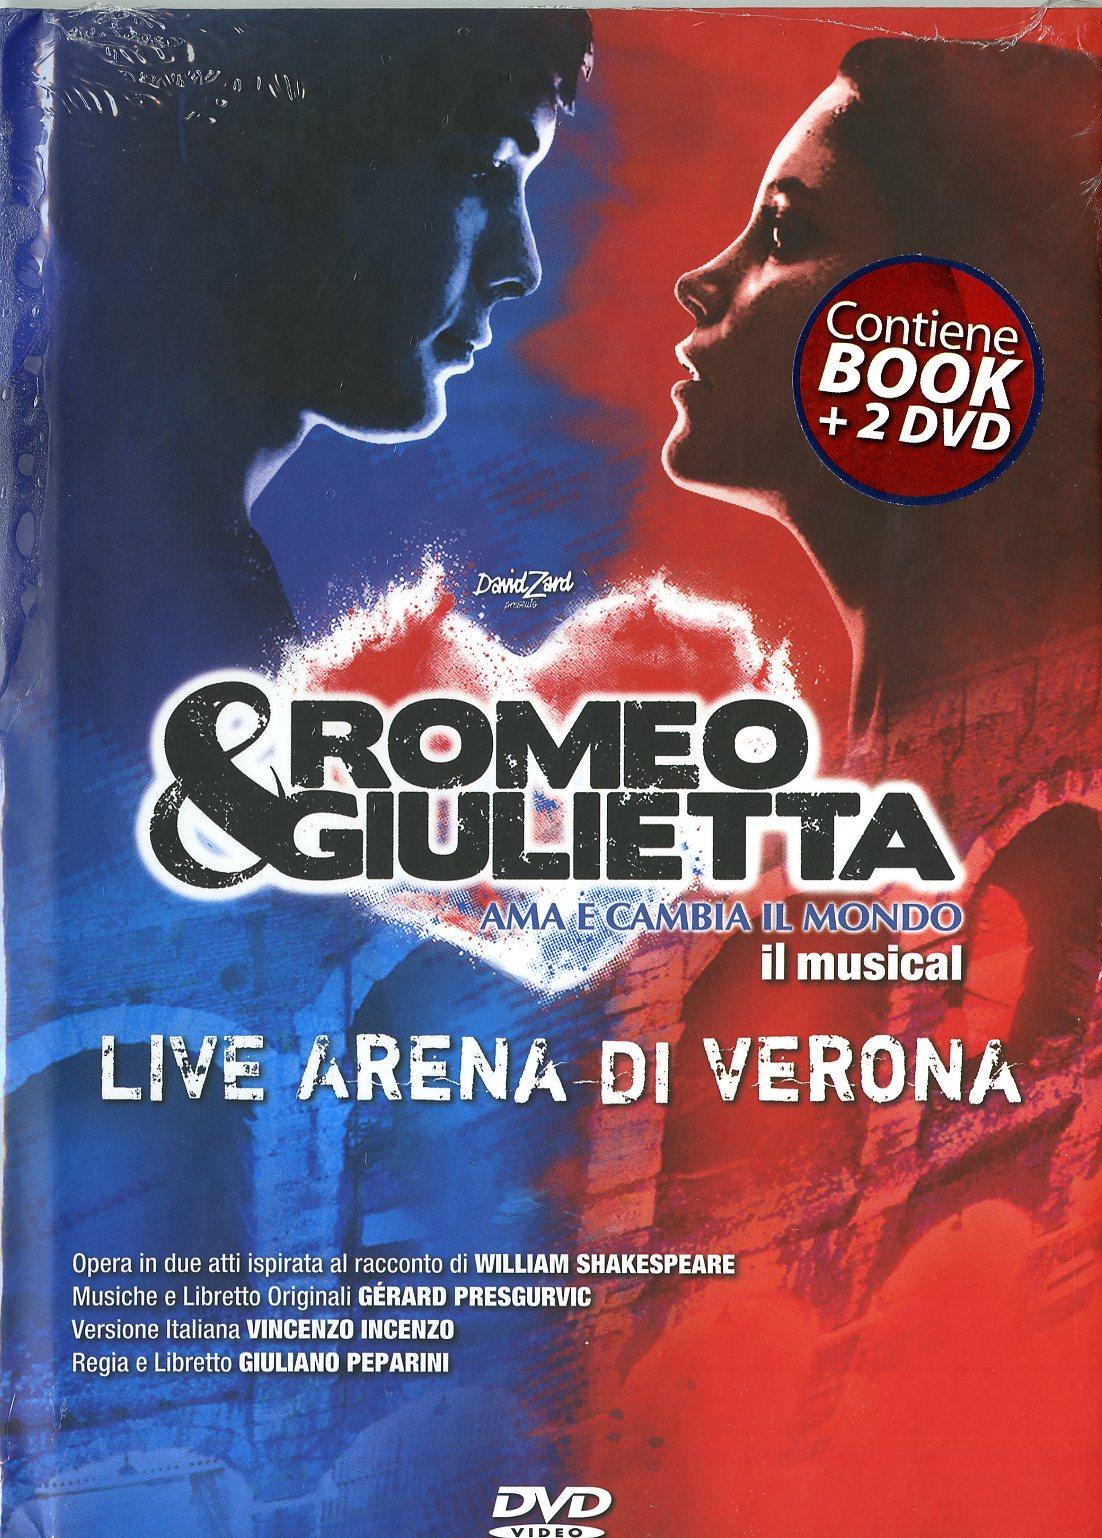 Ama E Cambia Il Mondo Live Arena Di Verona (Book + 2Dvd)